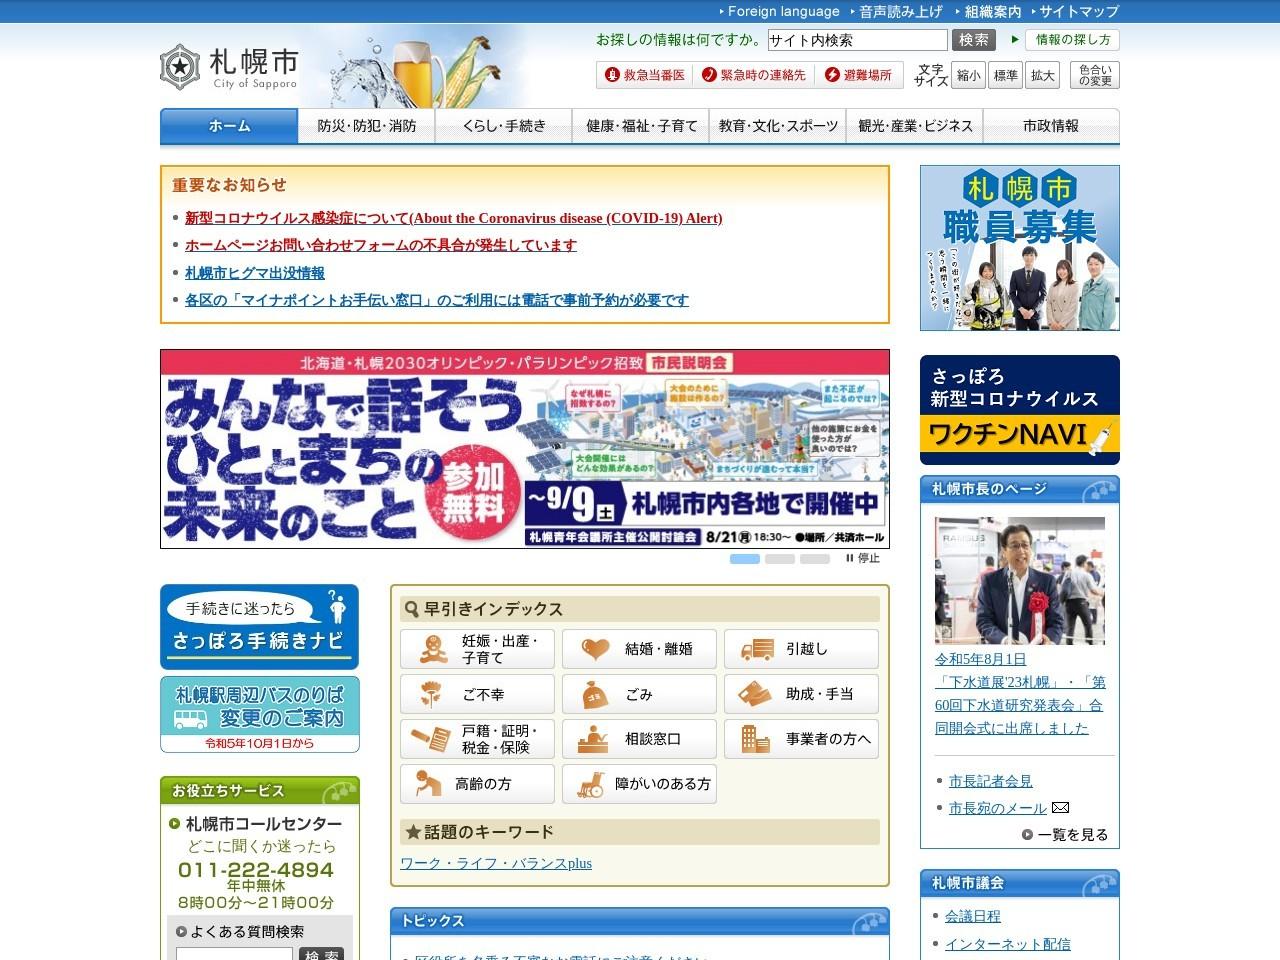 http://www.city.sapporo.jp/minami/kenkou/shousai/healthymenu.html